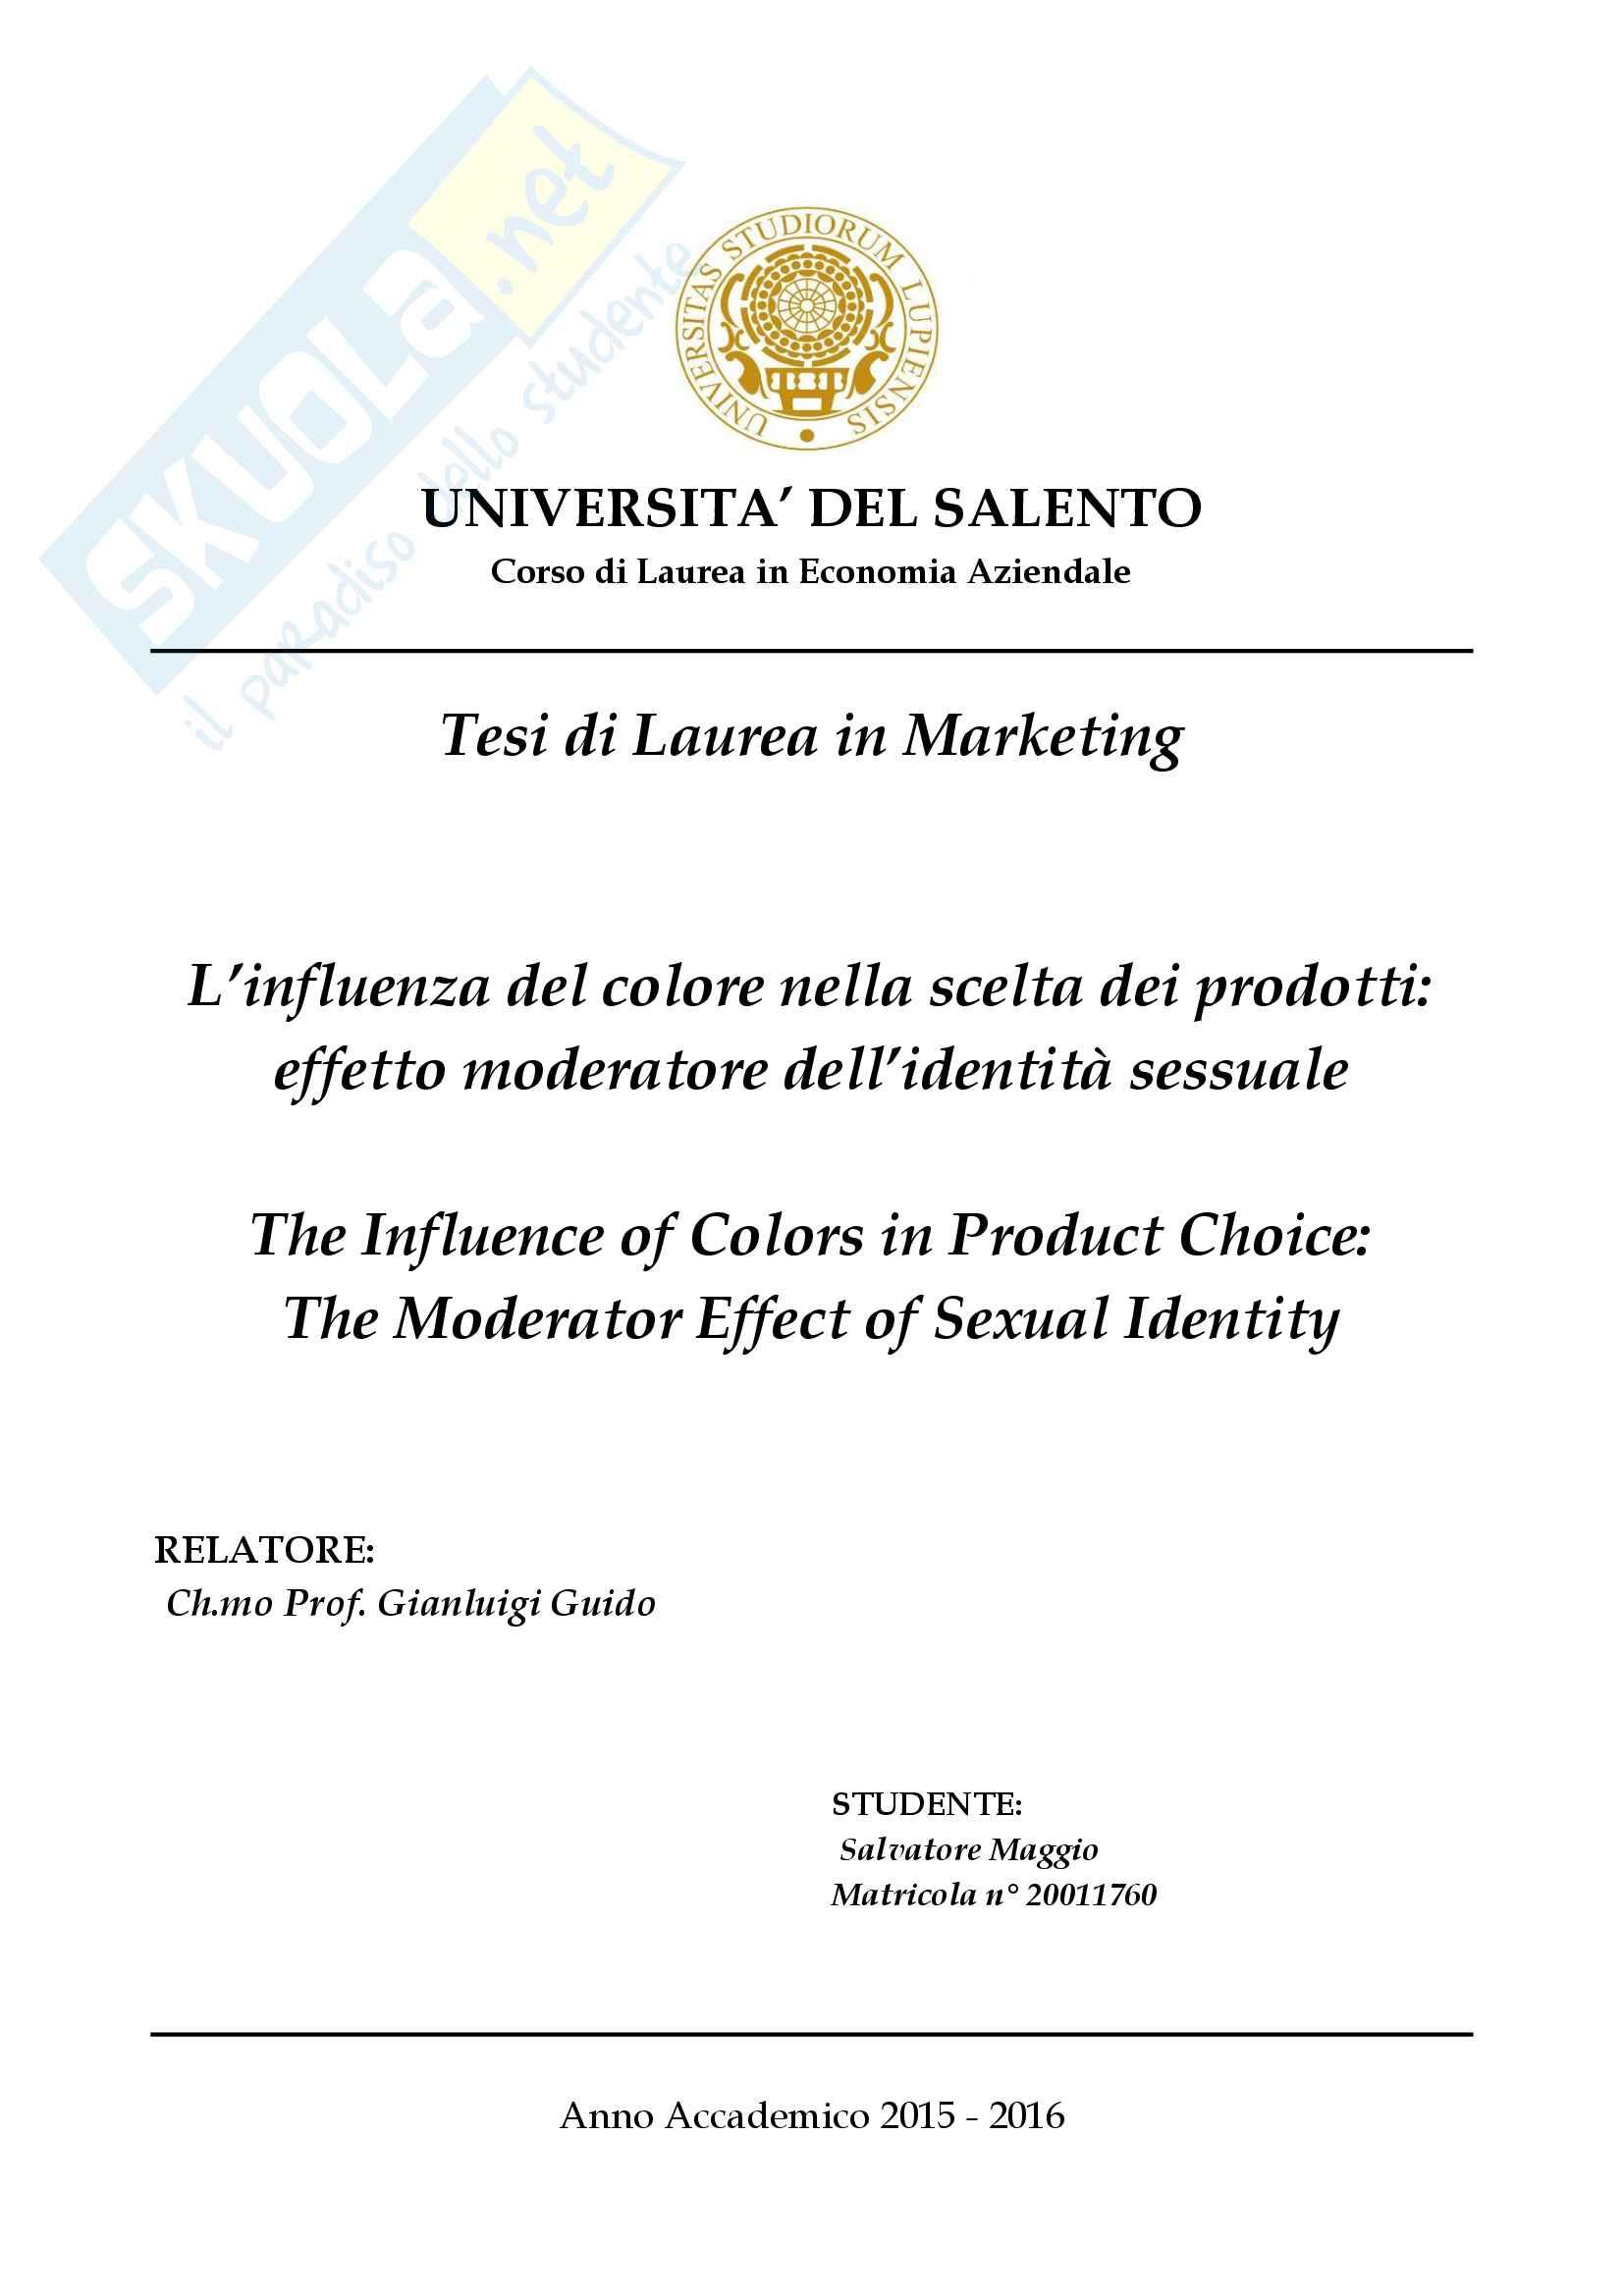 Tesi Marketing- L'influenza del colore nella scelta dei prodotti: effetto moderatore dell'identità sessuale